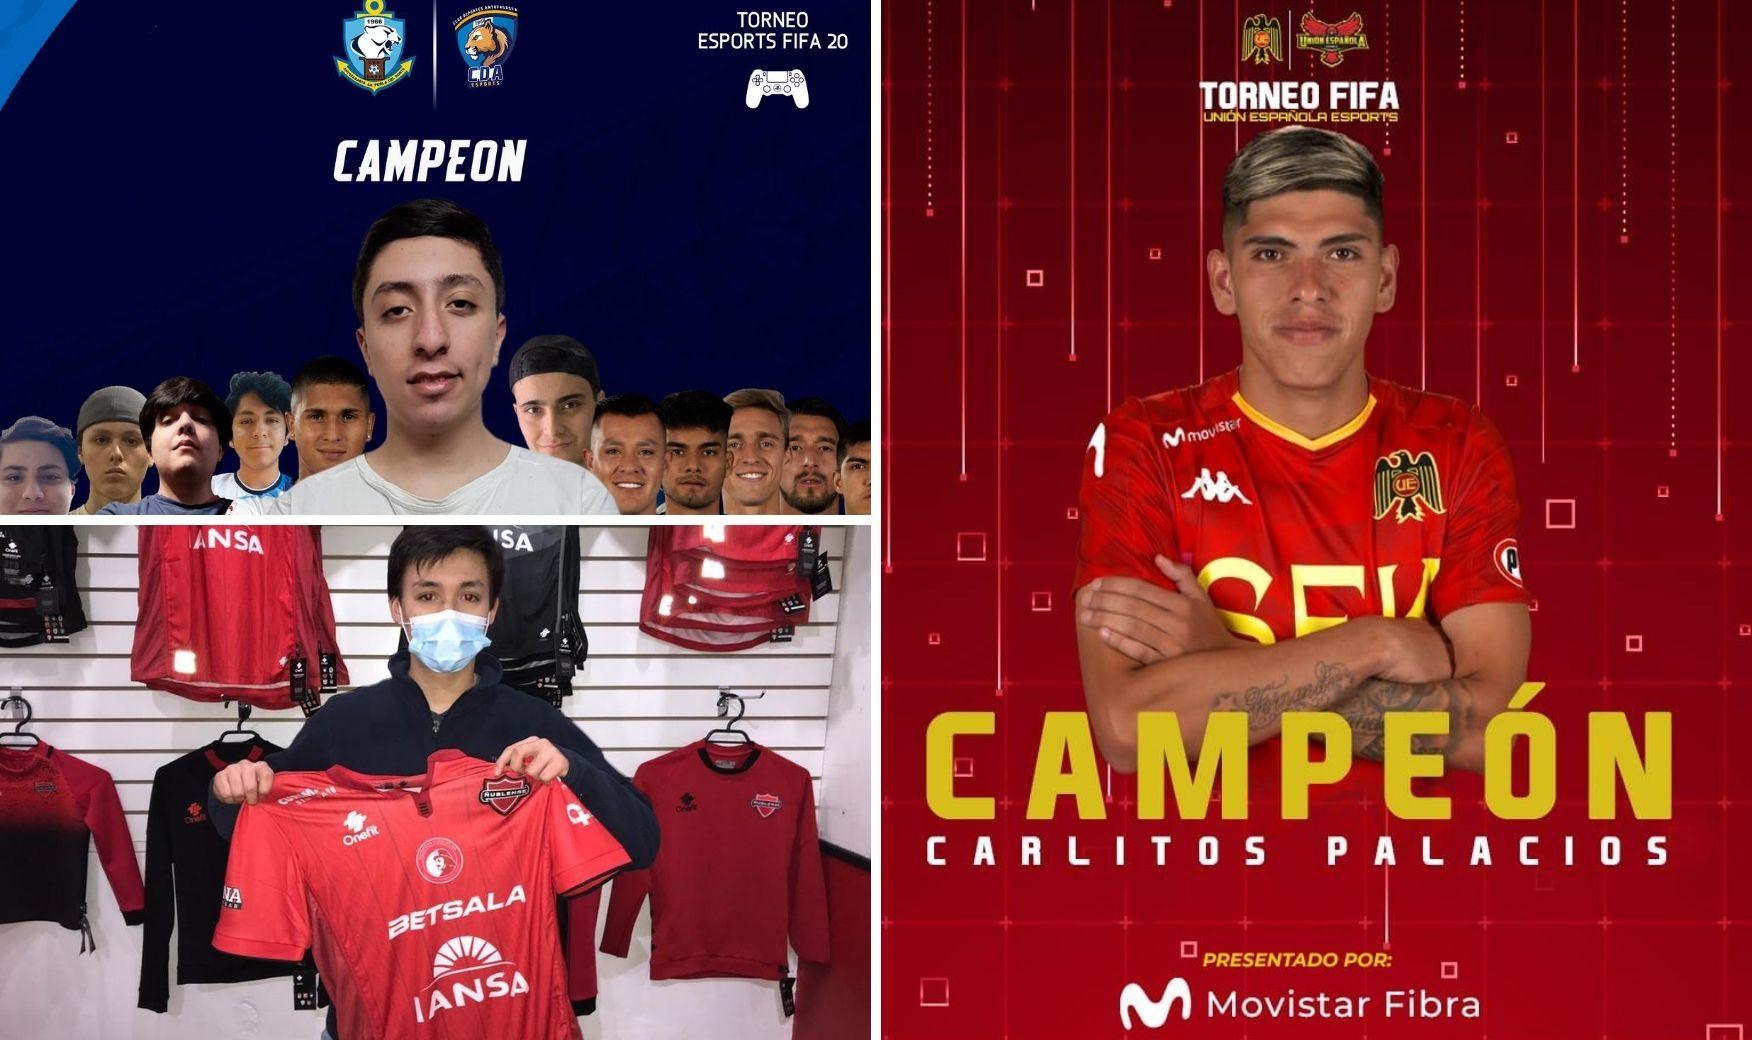 Fútbol virtual